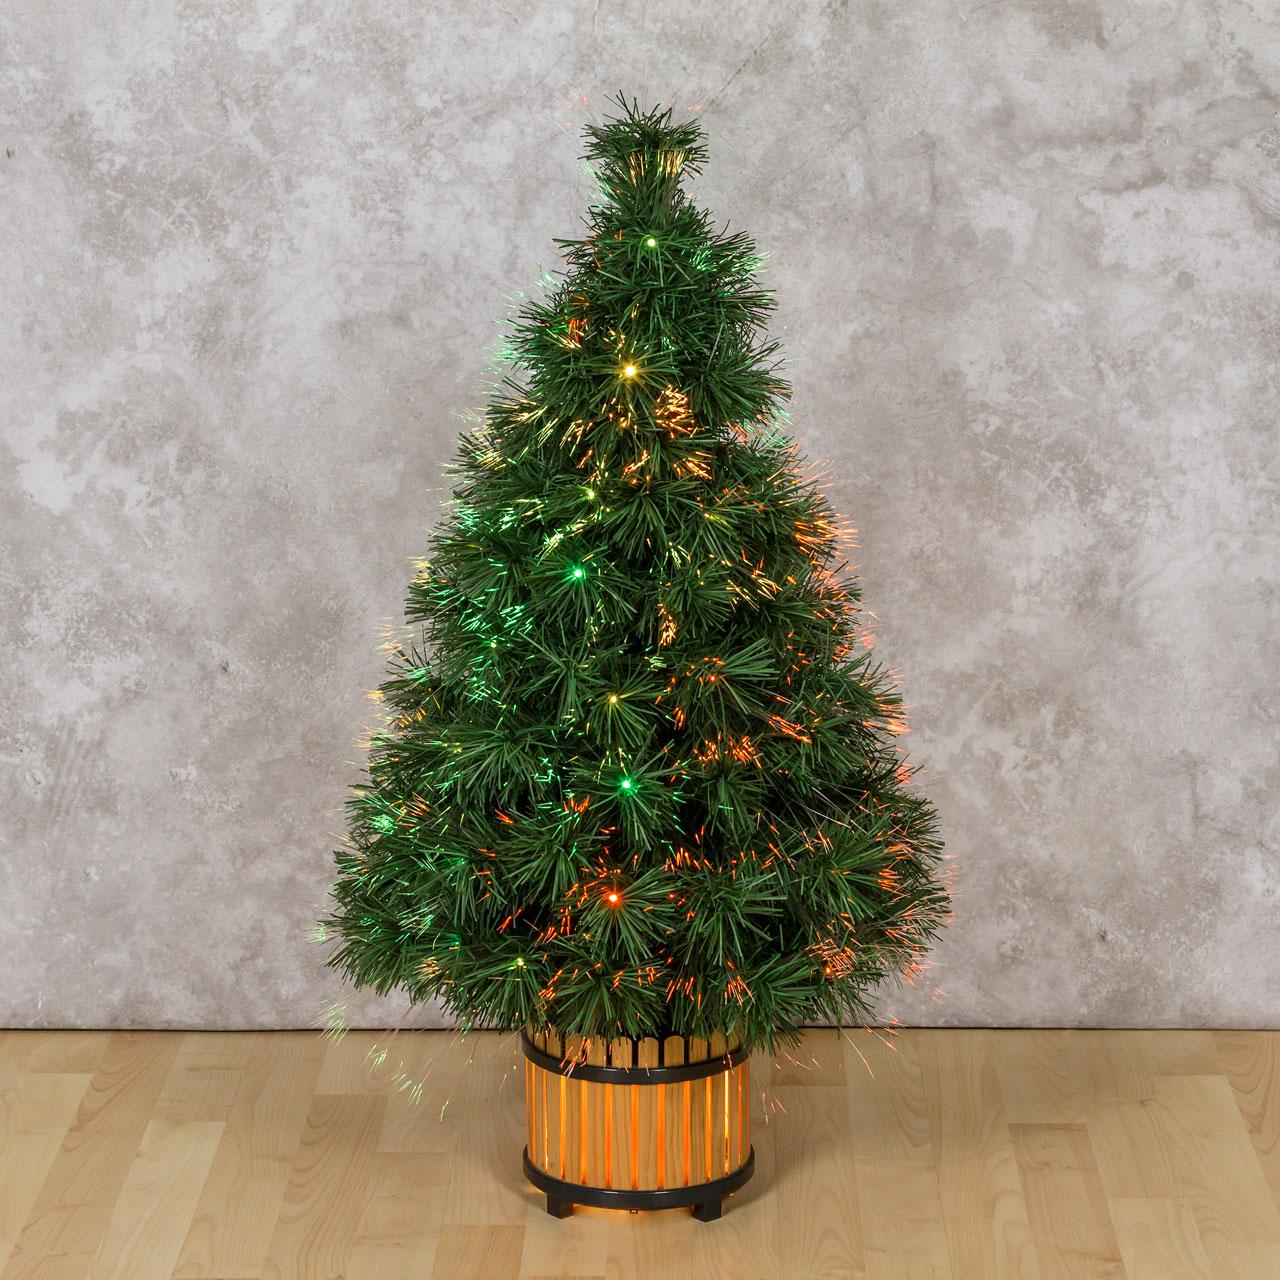 rboles y adornos de Navidad artificiales con luces Led Luminal Park